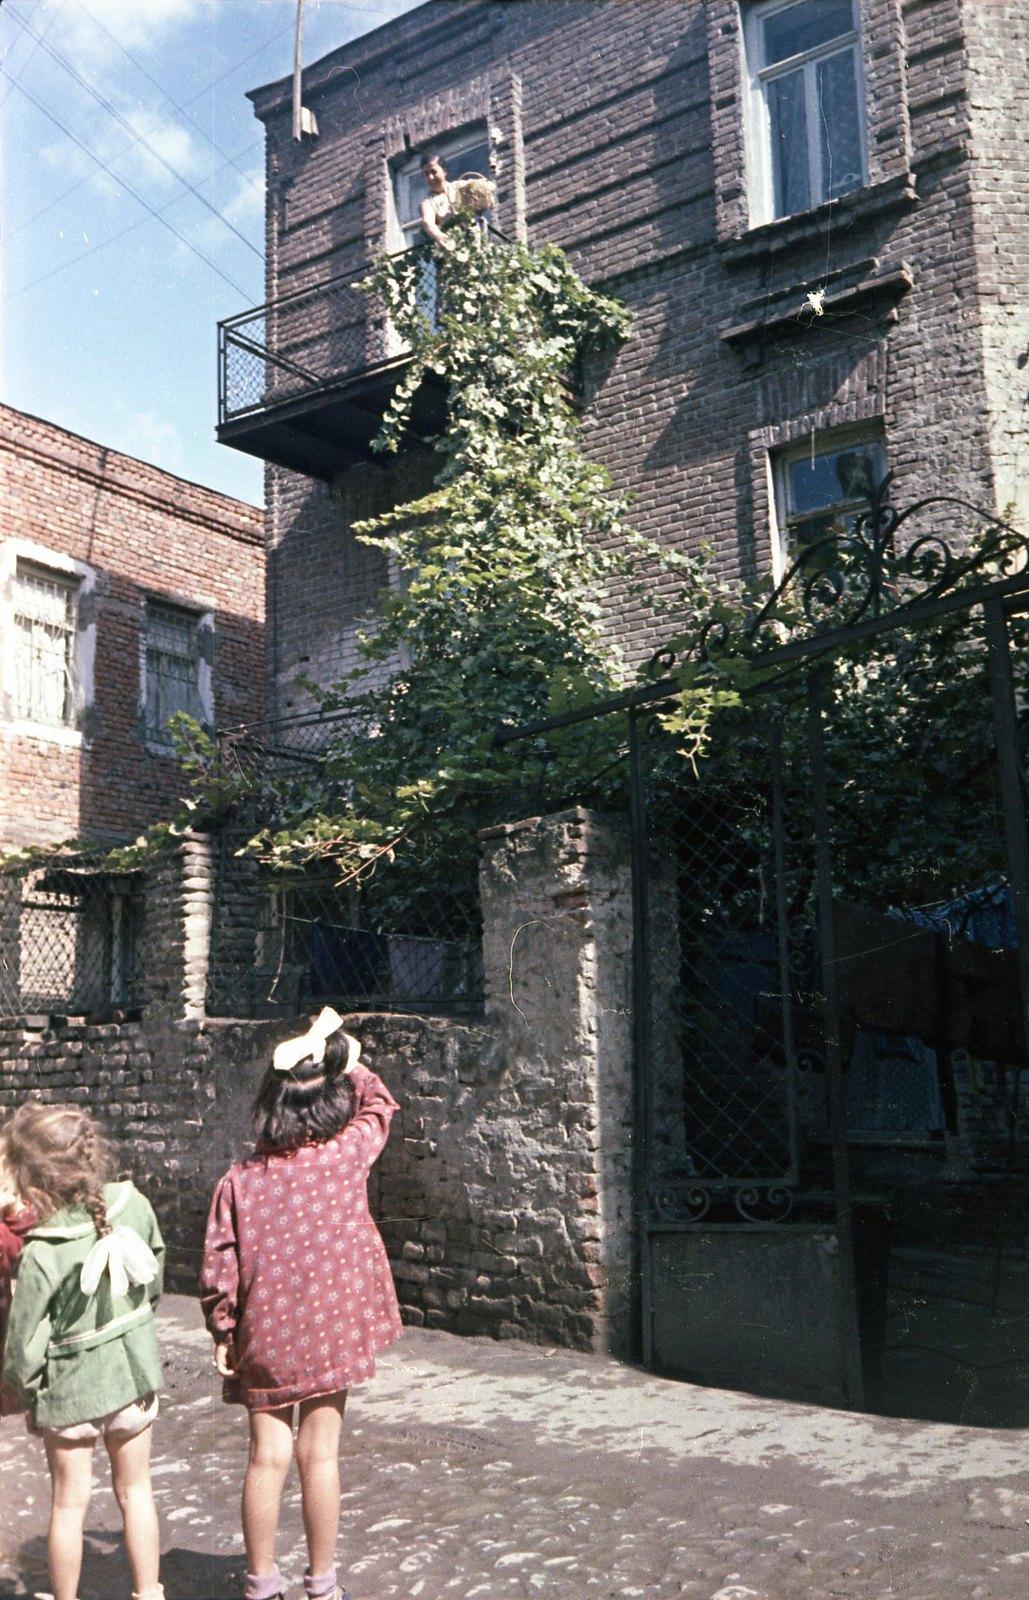 Тбилиси. Дети у дома. сентябрь-октябрь